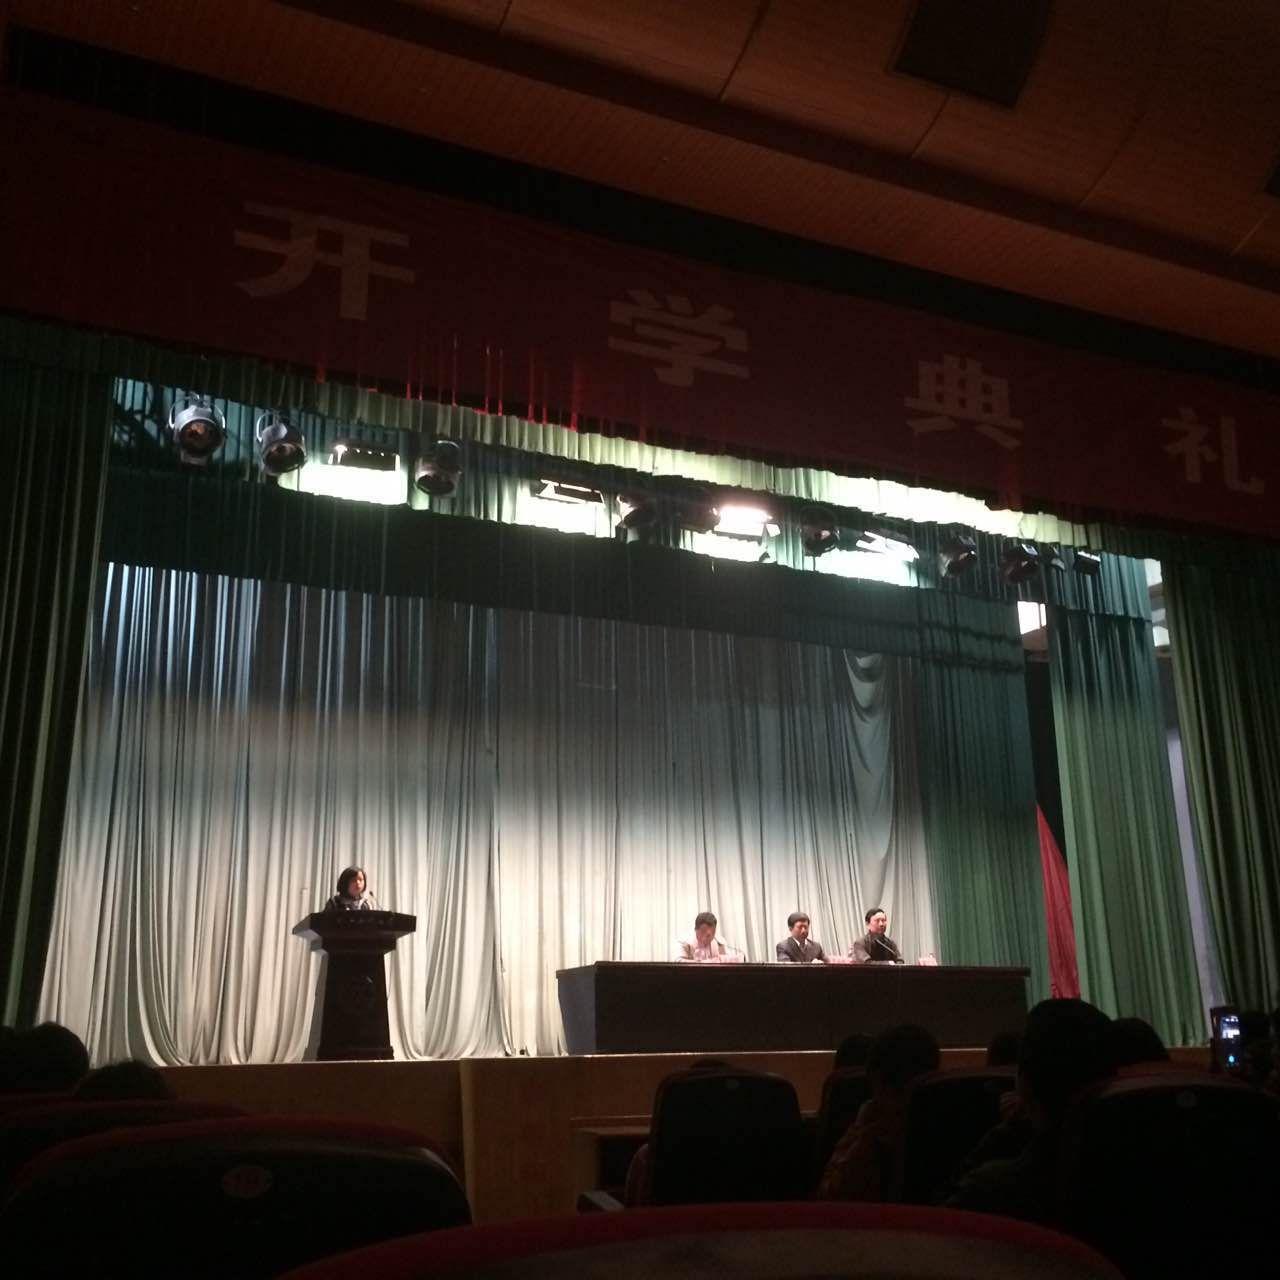 浙江纳思教育科技有限公司